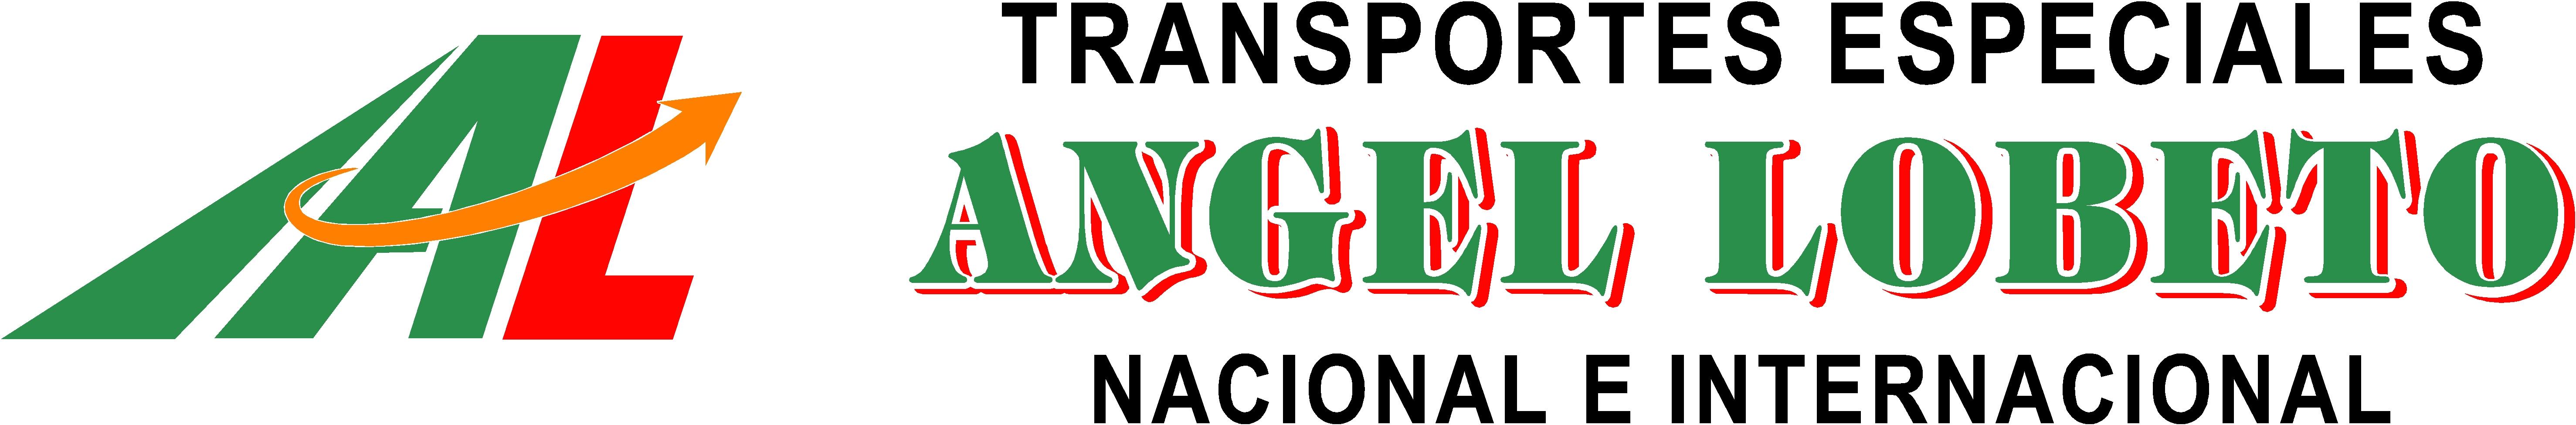 Transportes Especiales Angel Lobeto Nacionales e Internacionales logo